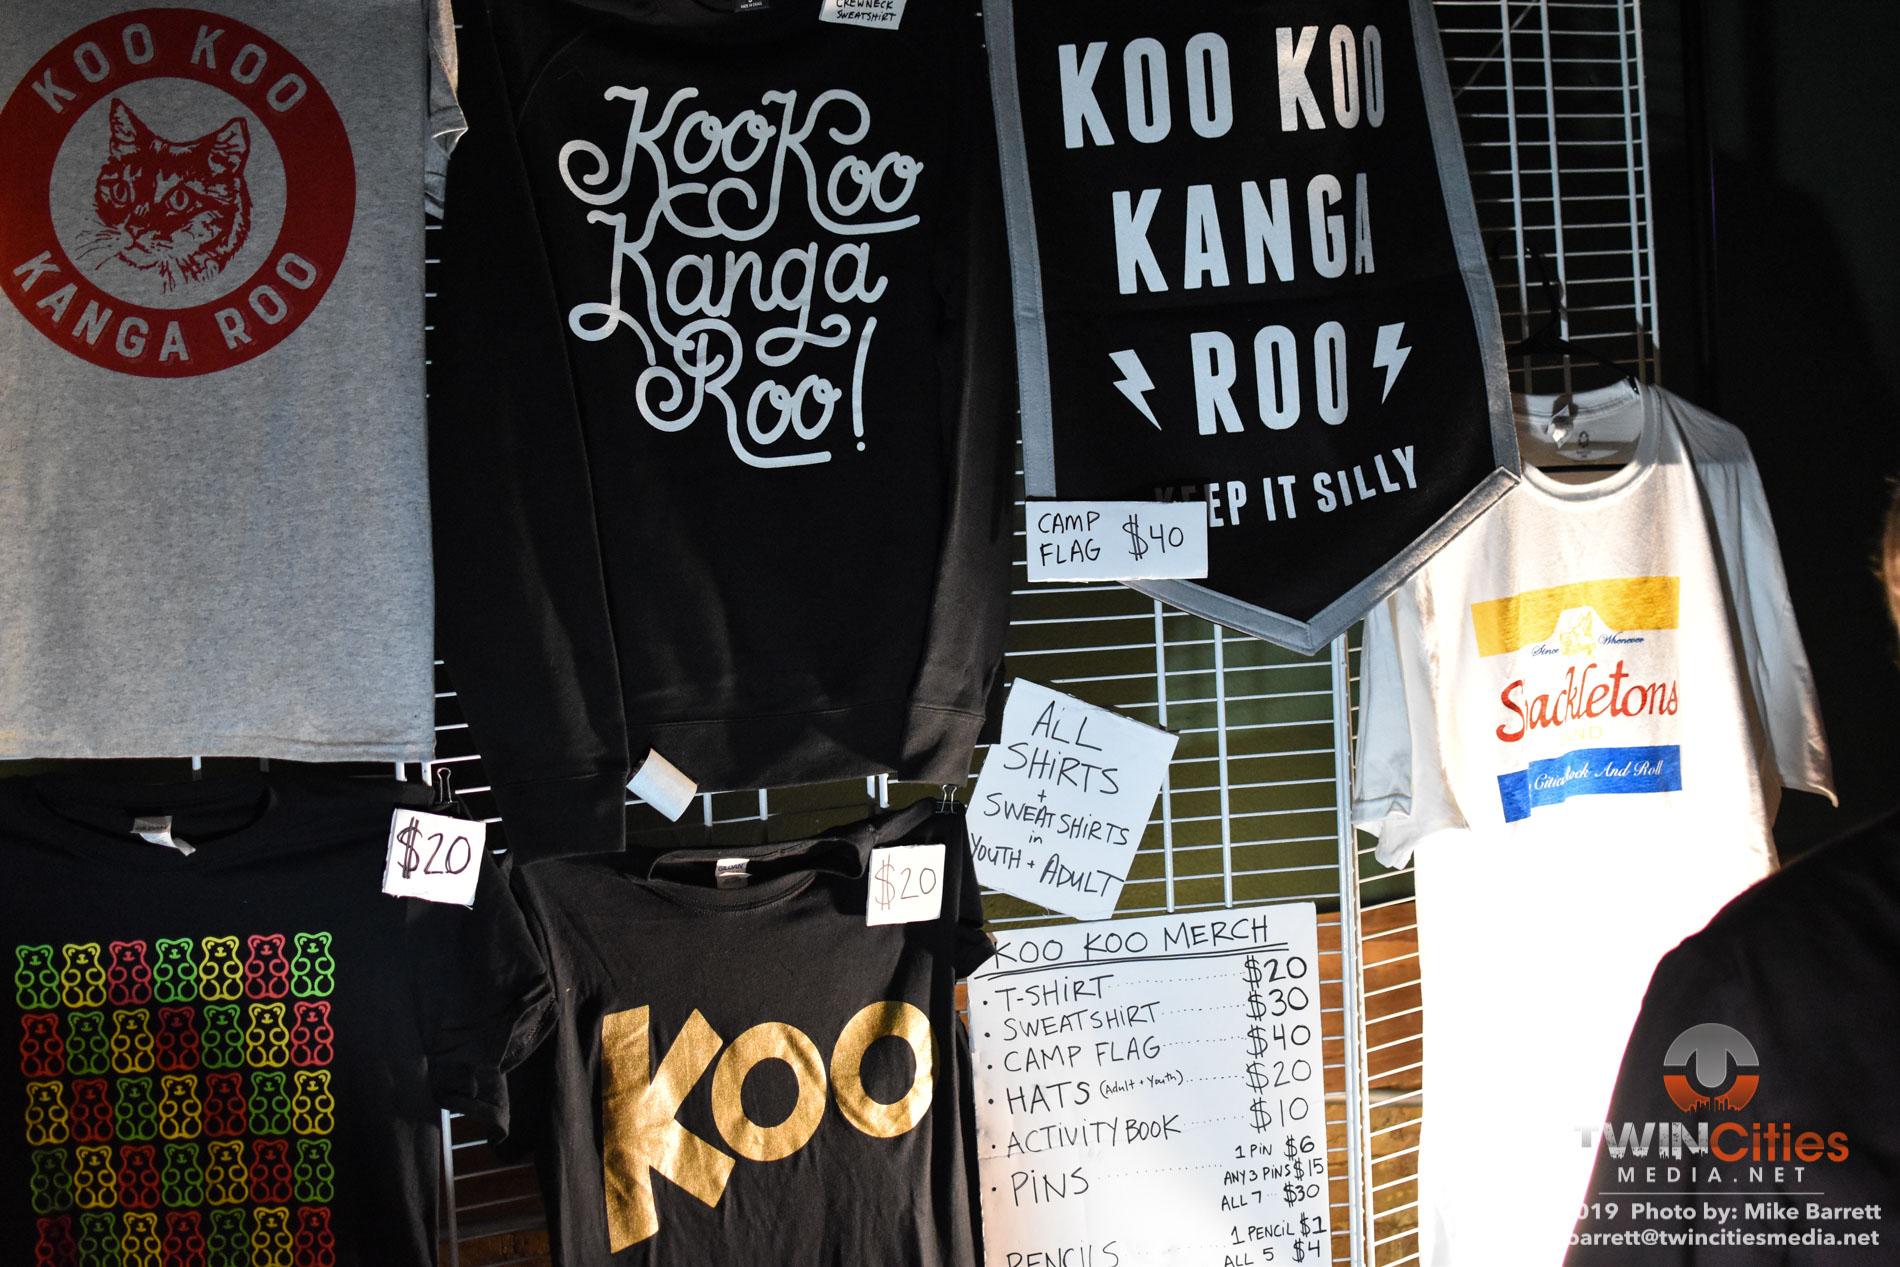 Koo-Koo-Kanga-Roo-17